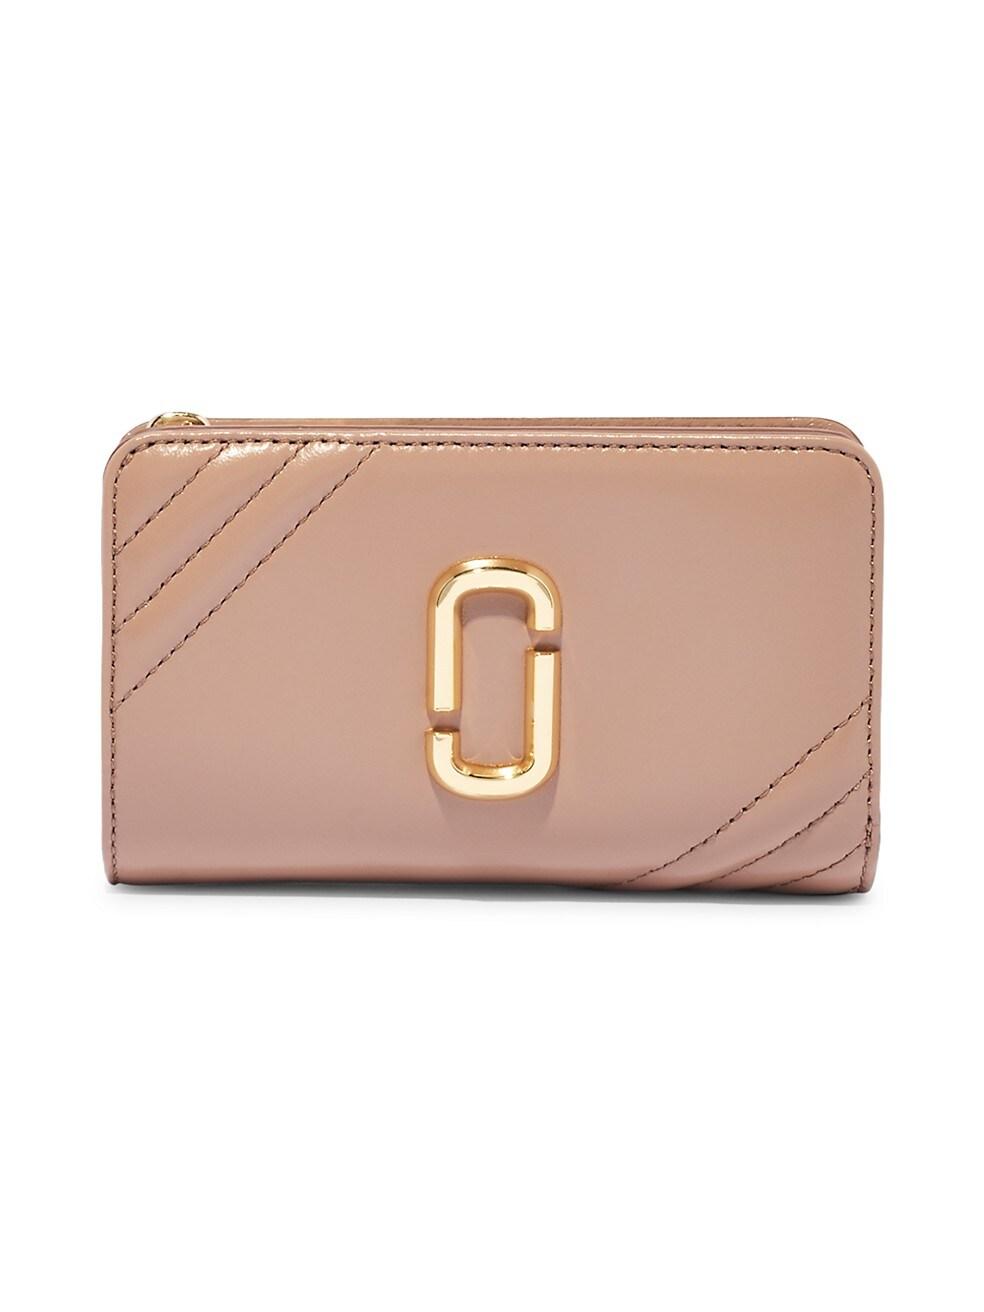 마크 제이콥스 지갑 Marc Jacobs Snapshot Leather Compact Wallet,DUSTY BEIGE